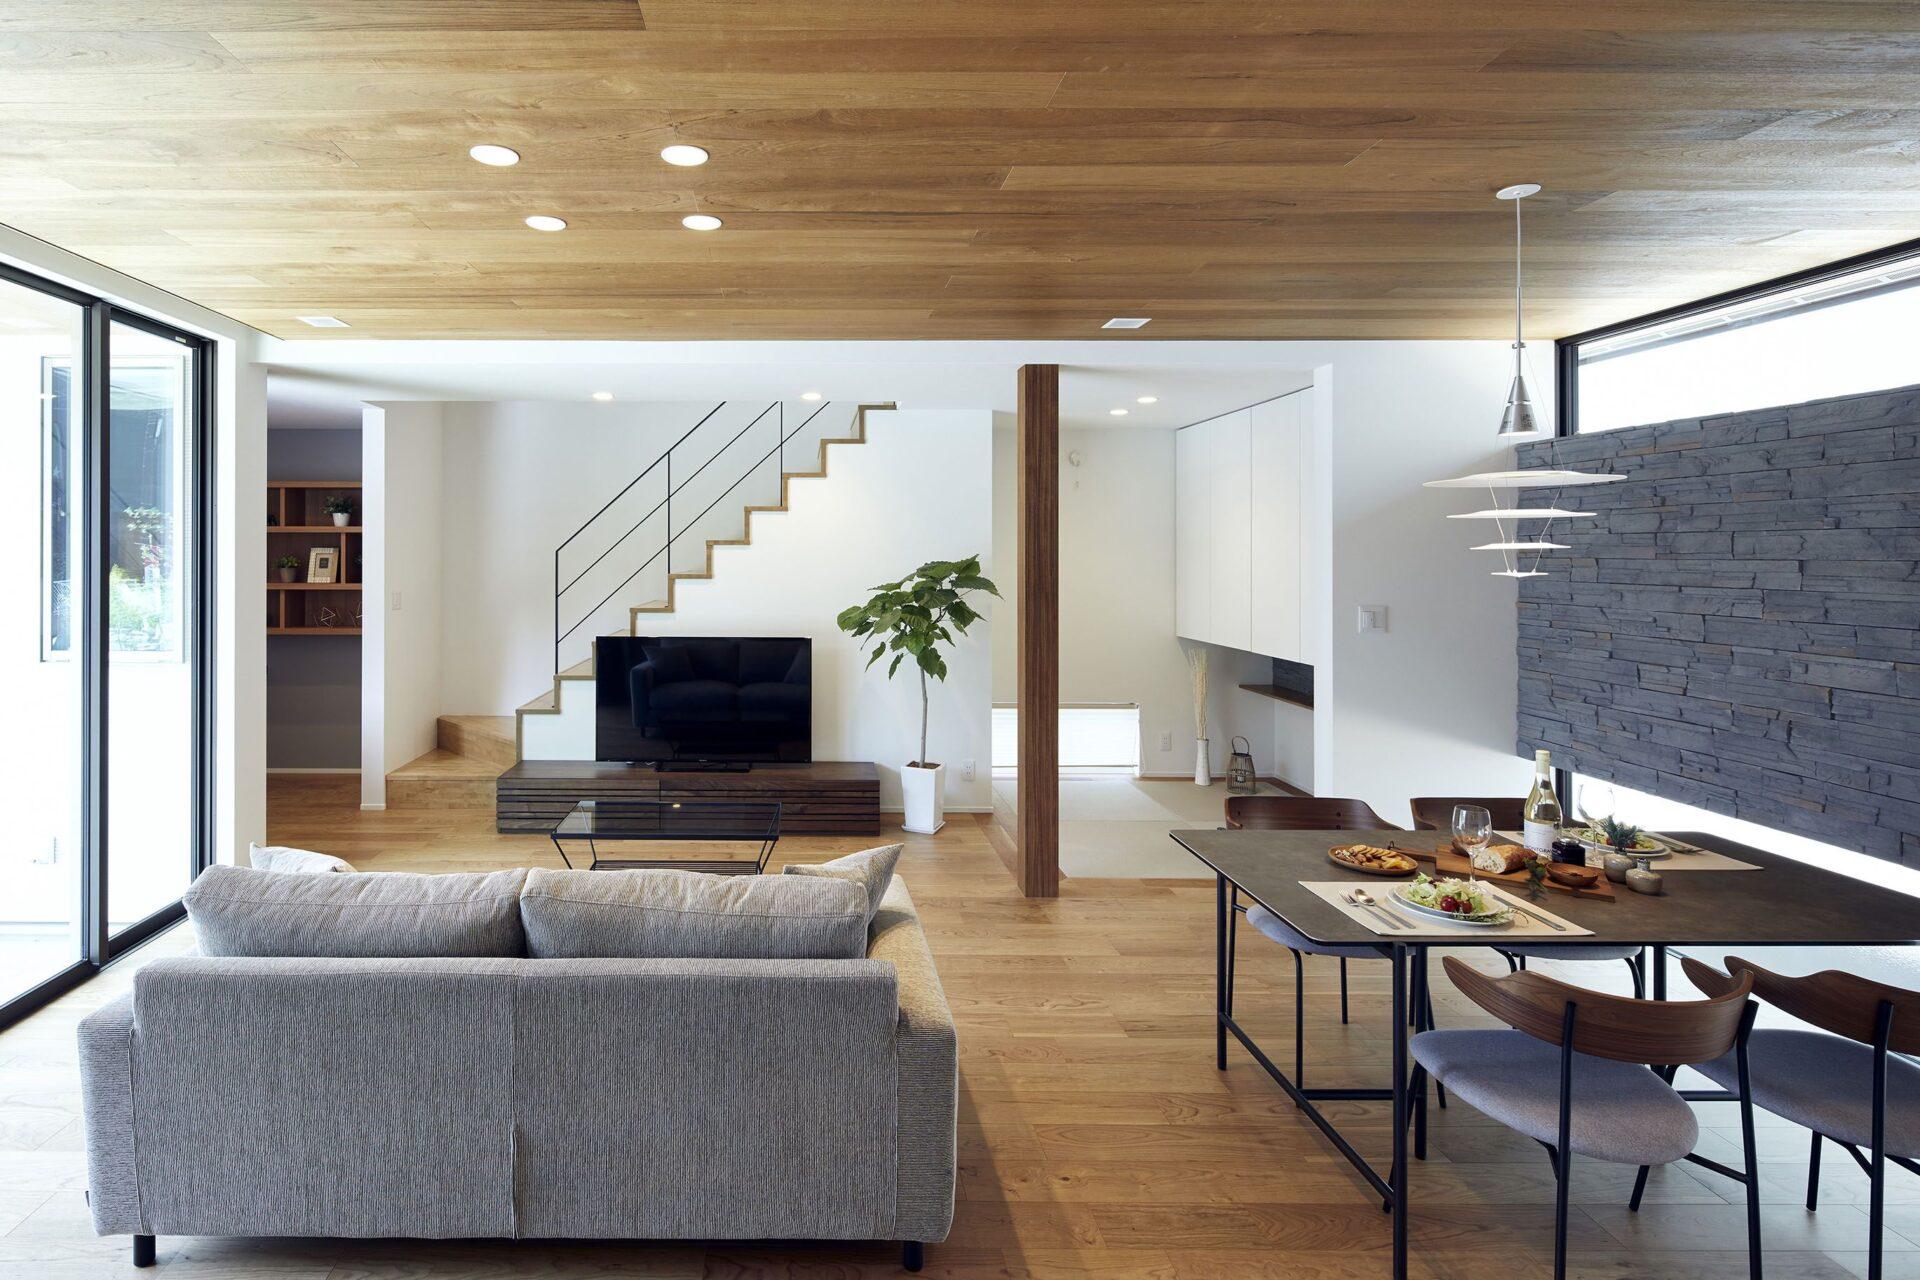 全館空調モデルハウス